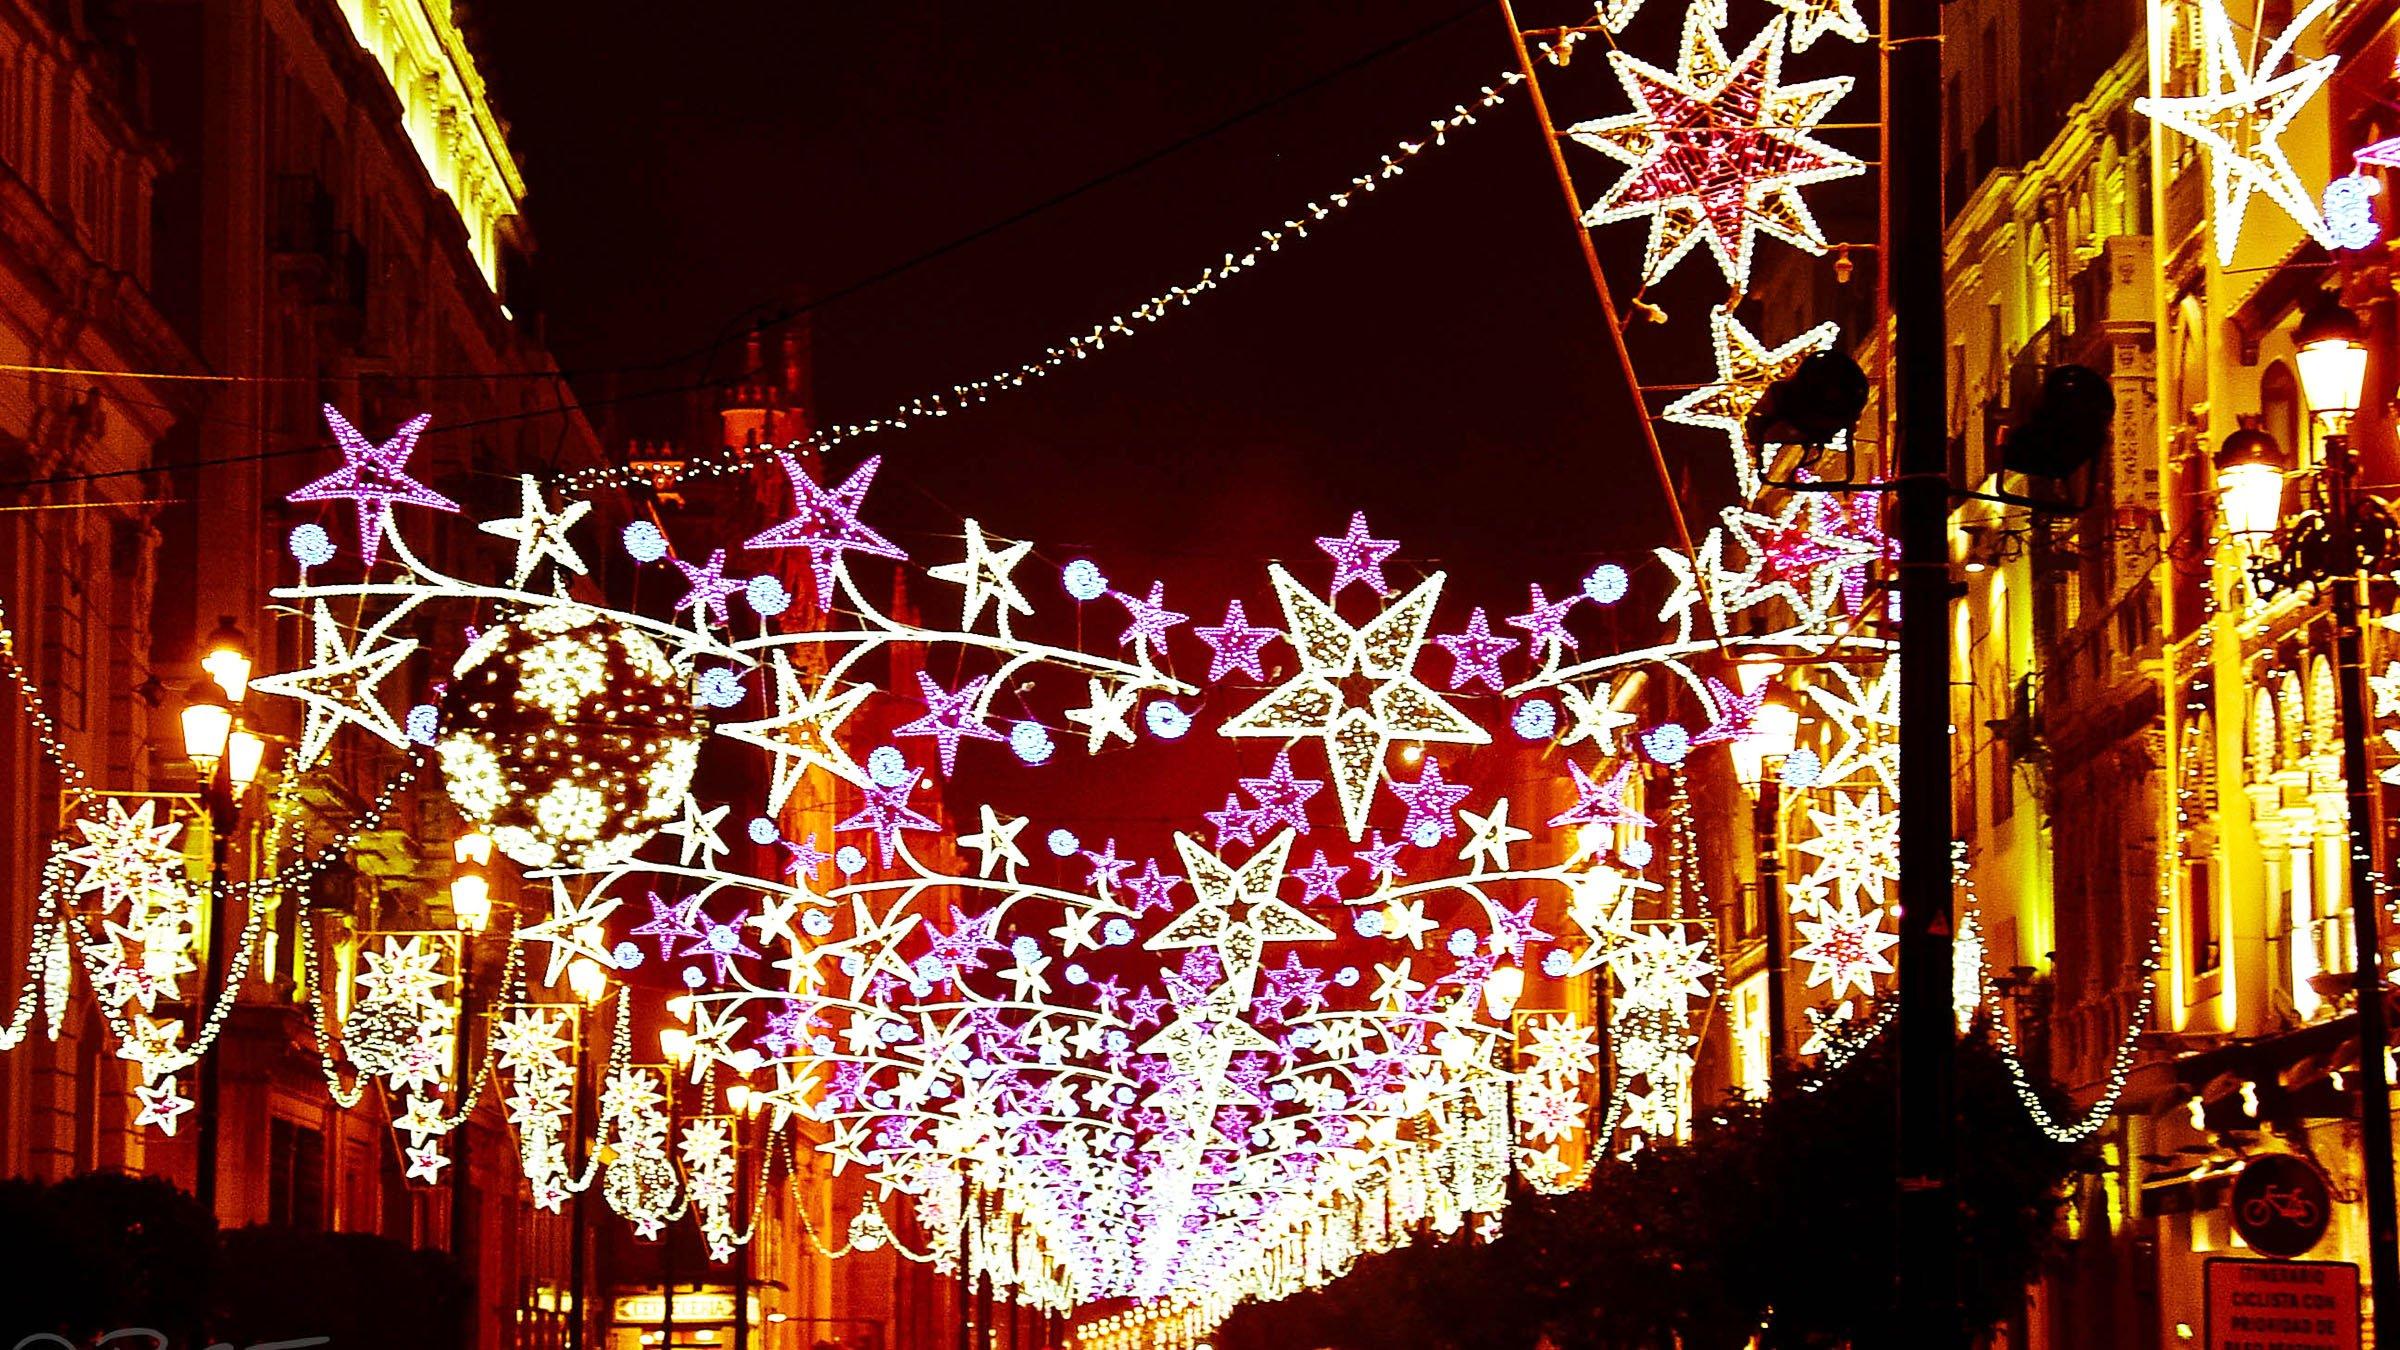 Decoraci n navide a en las calles de sevilla - Costumbres navidenas en alemania ...